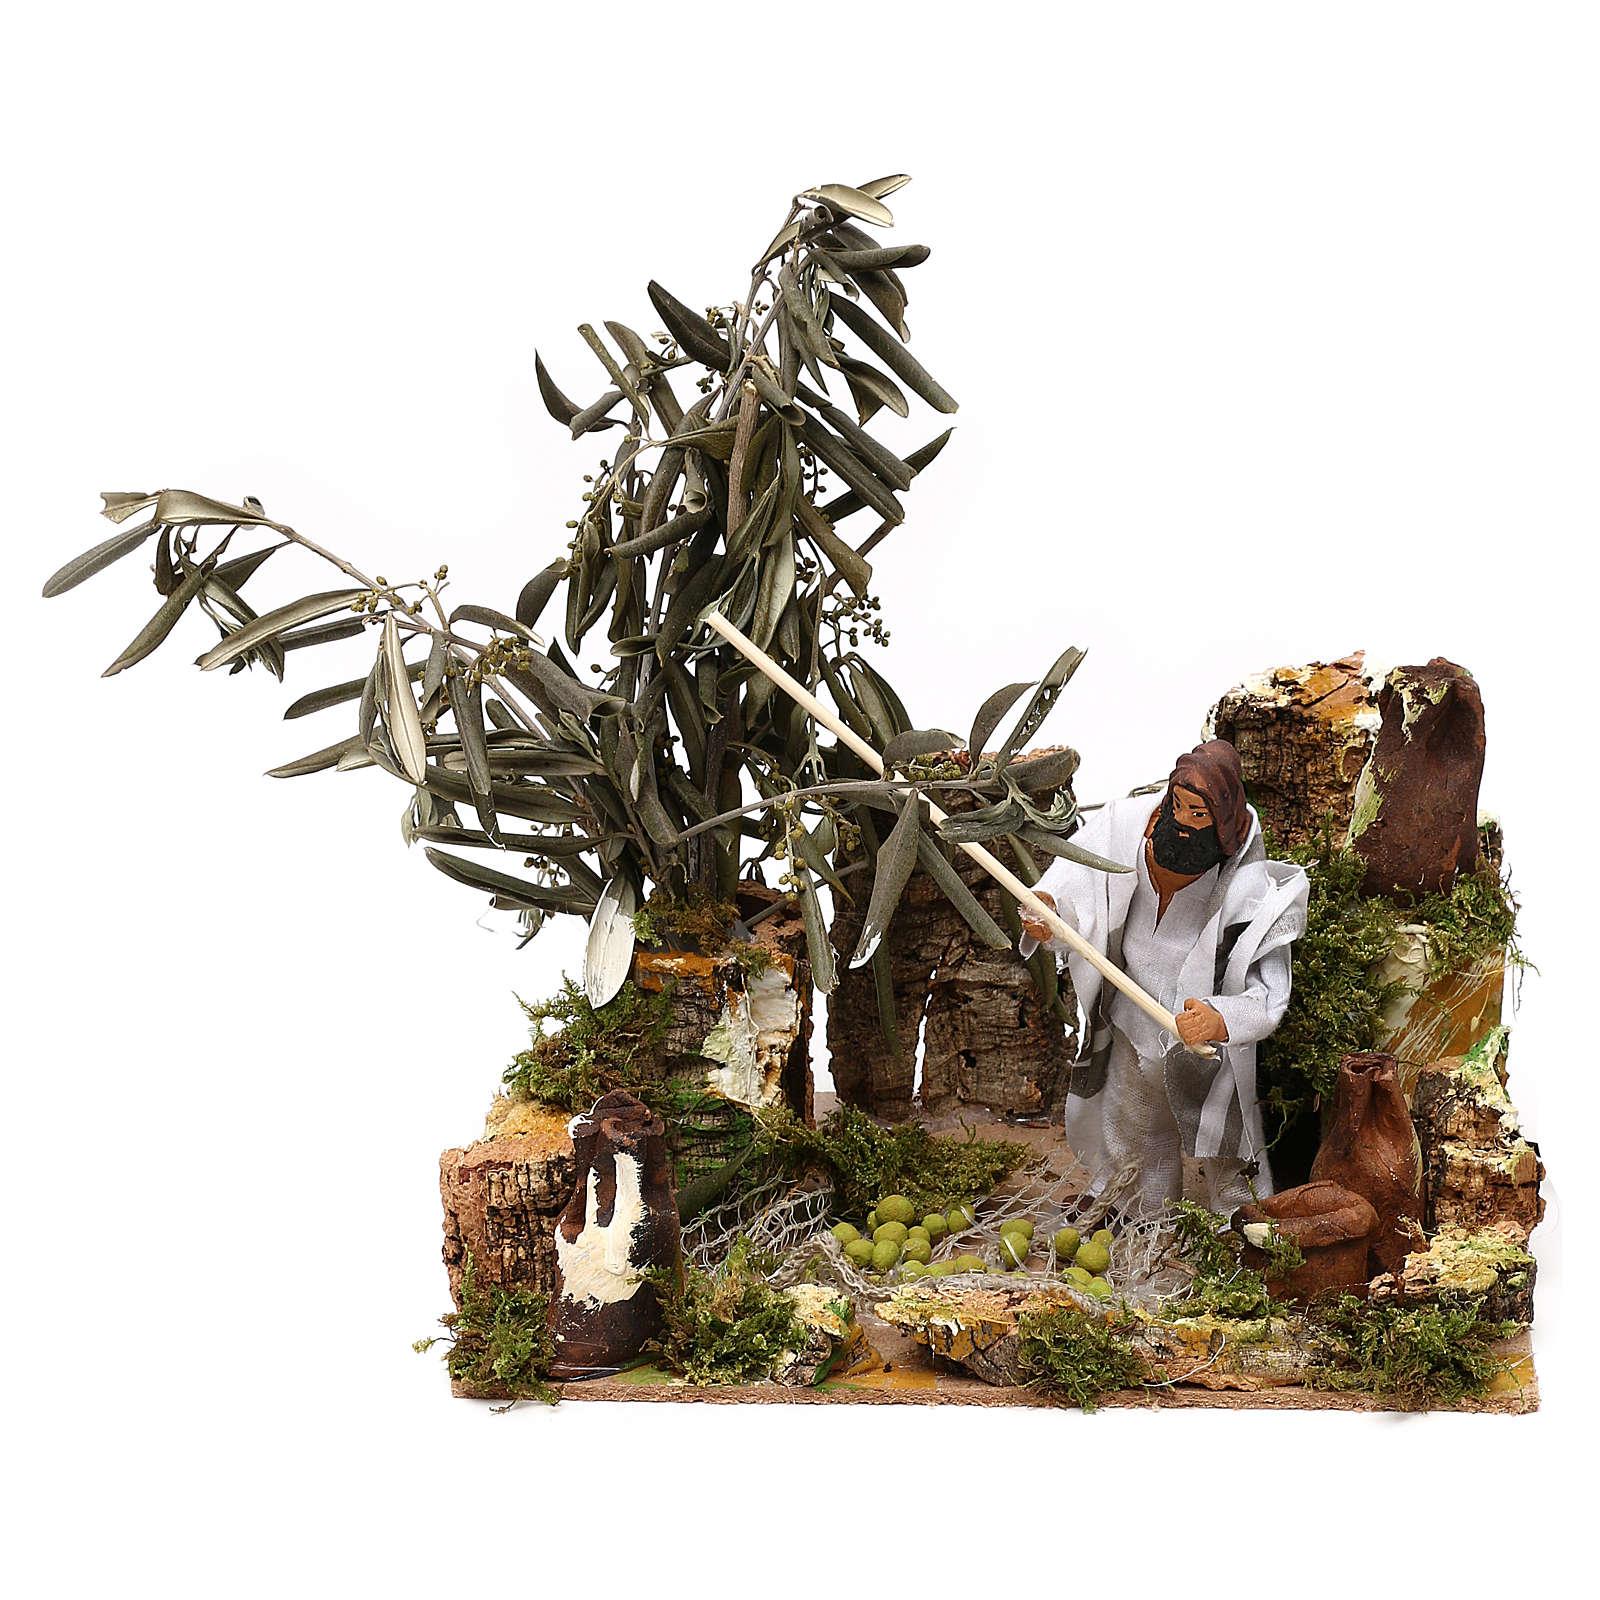 Homem na apanha da azeitona movimento presépio de Natal figuras altura média 12 cm 3